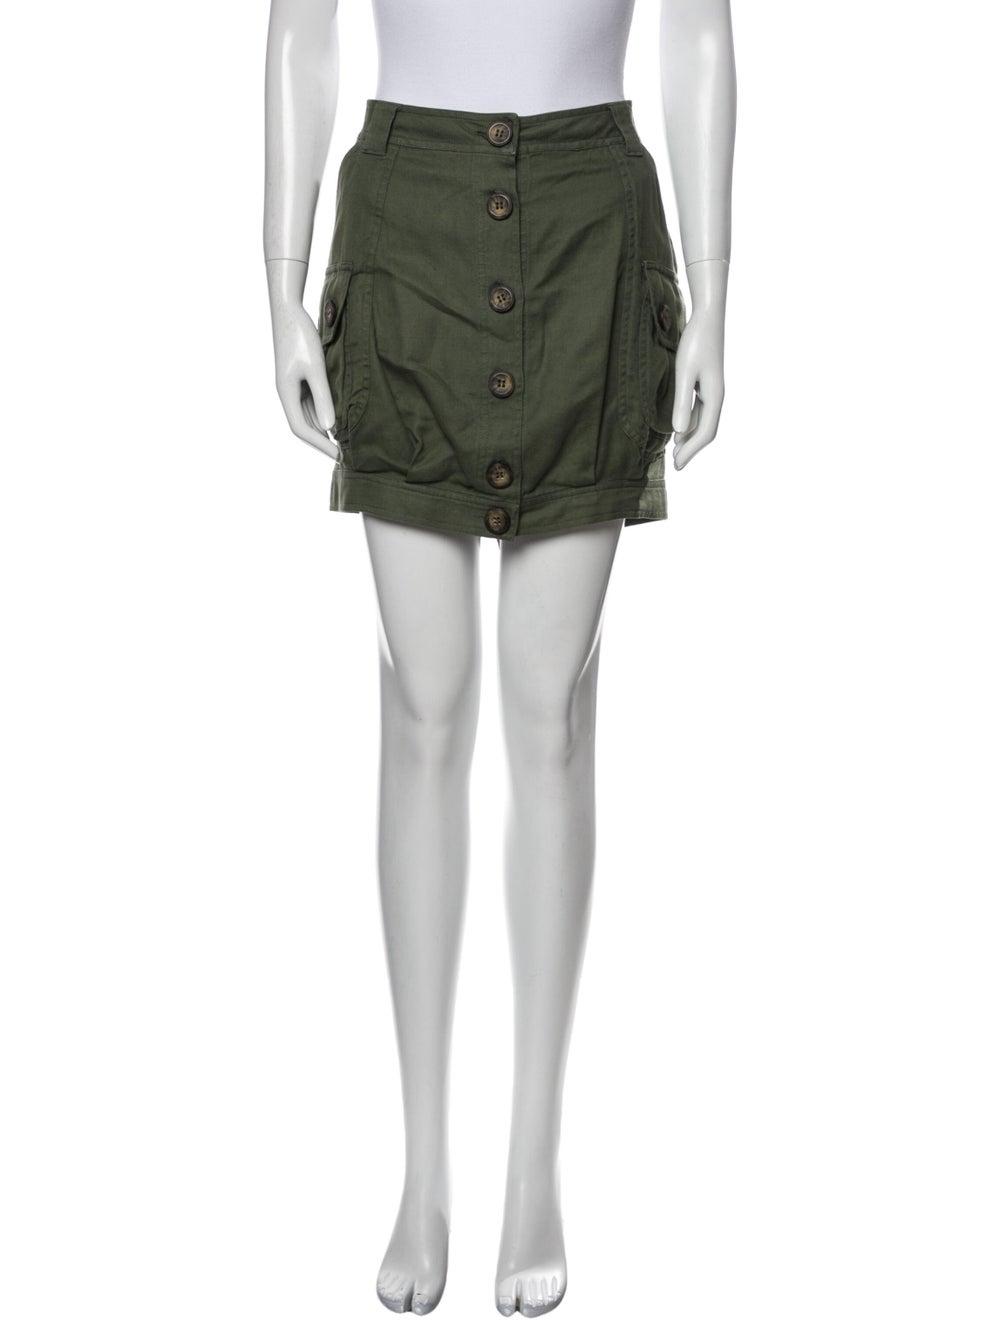 Skirt Mini Skirt - image 1